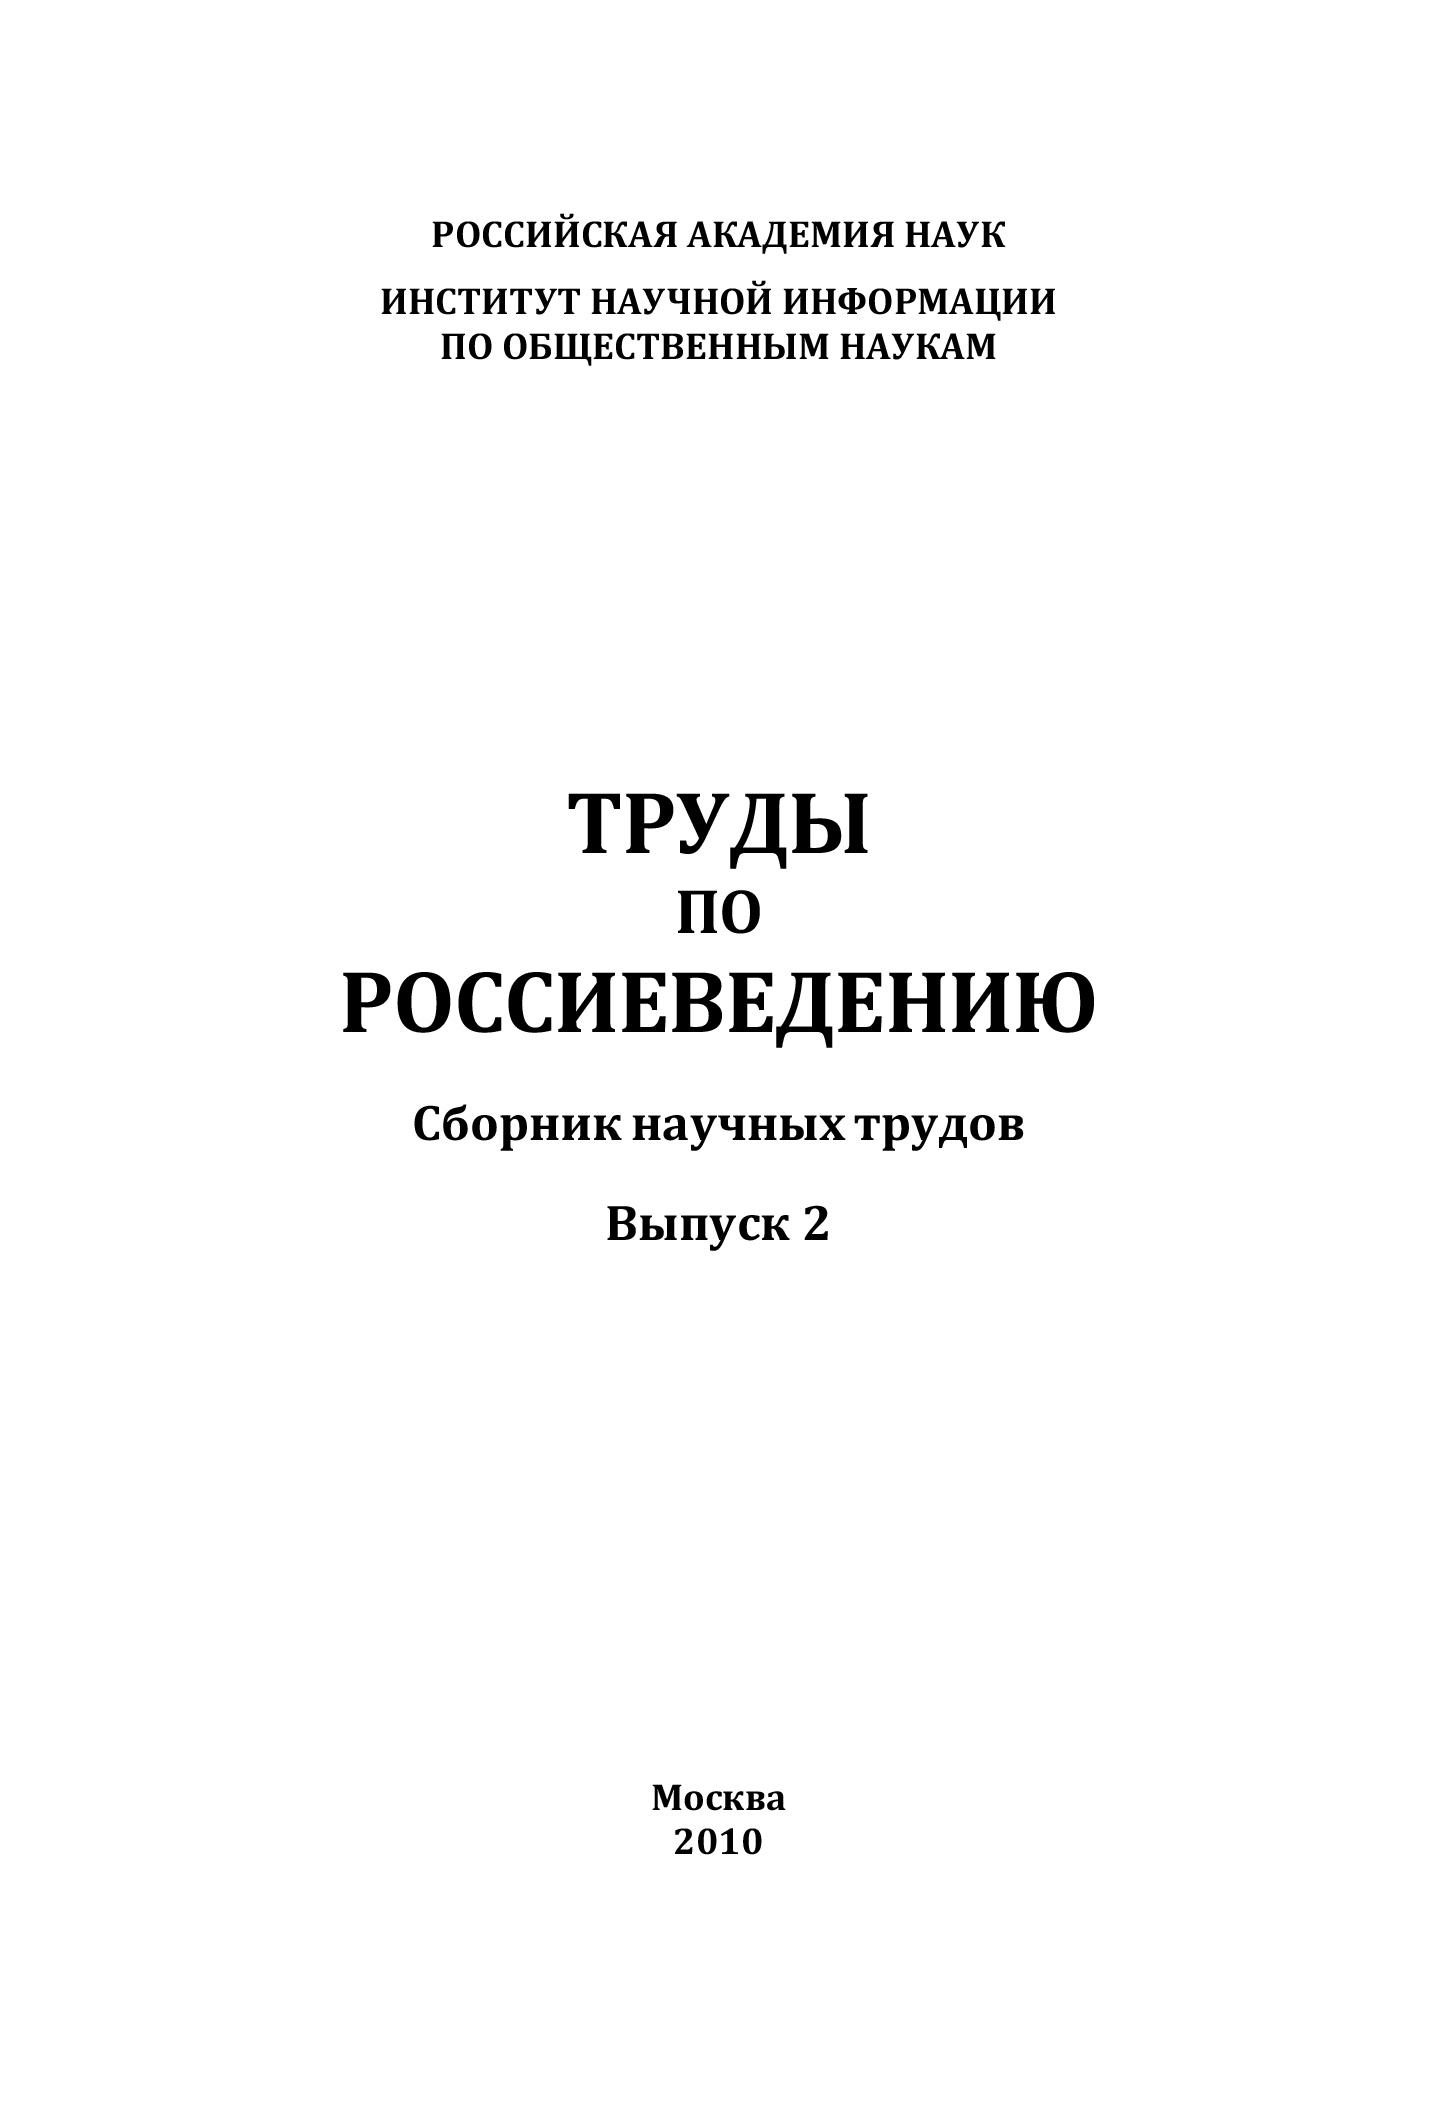 Коллектив авторов - Труды по россиеведению. Выпуск 2